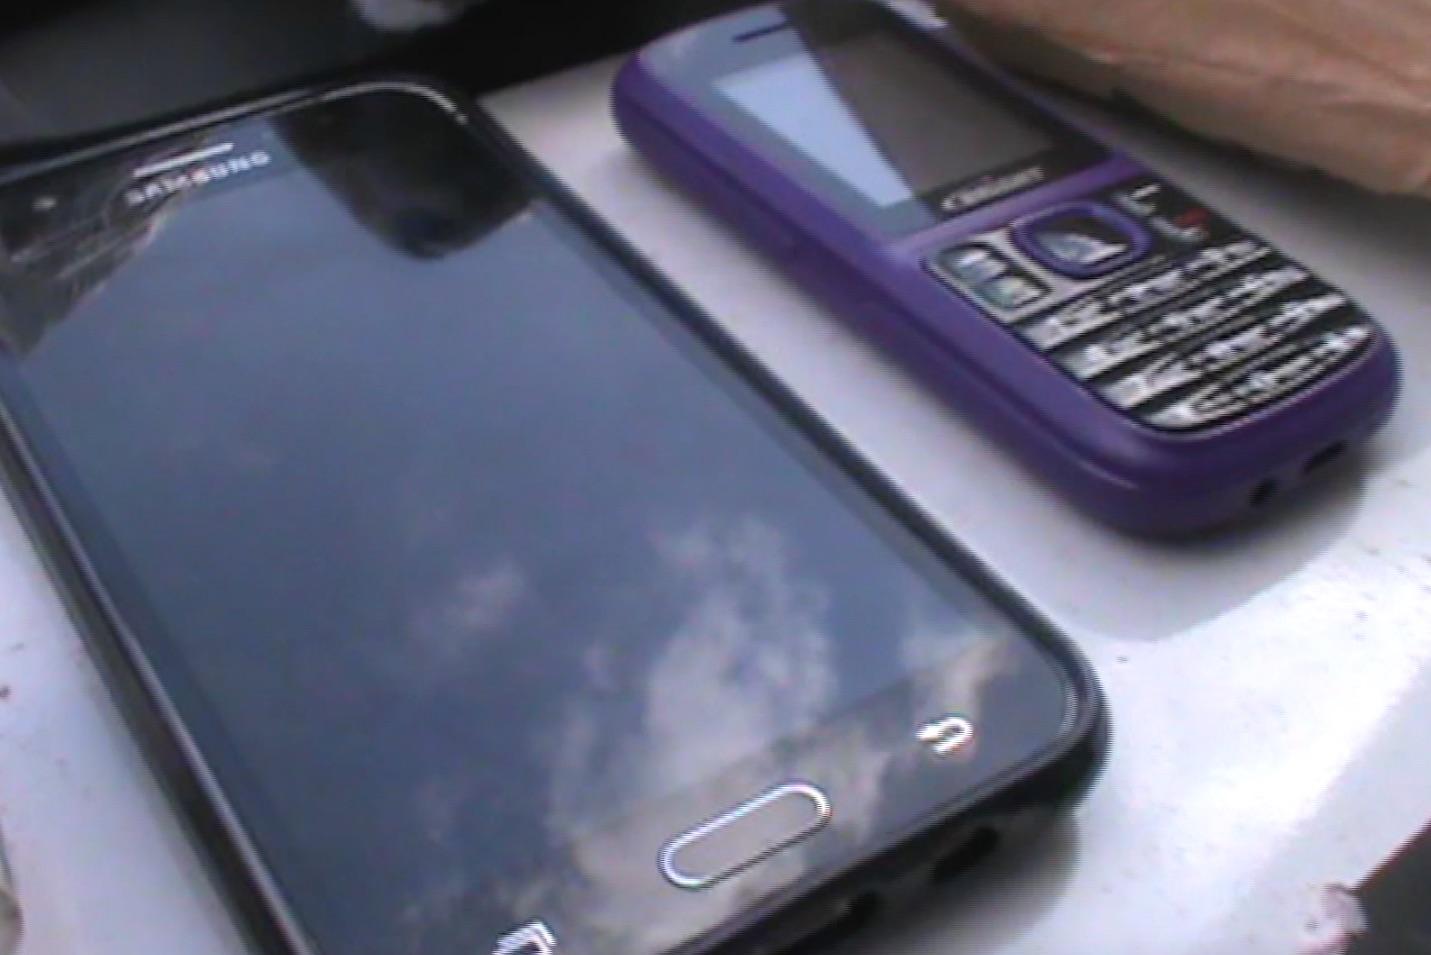 Teresina: Casal é preso tentando jogar pilhas e celulares dentro da Casa de Custódia 2